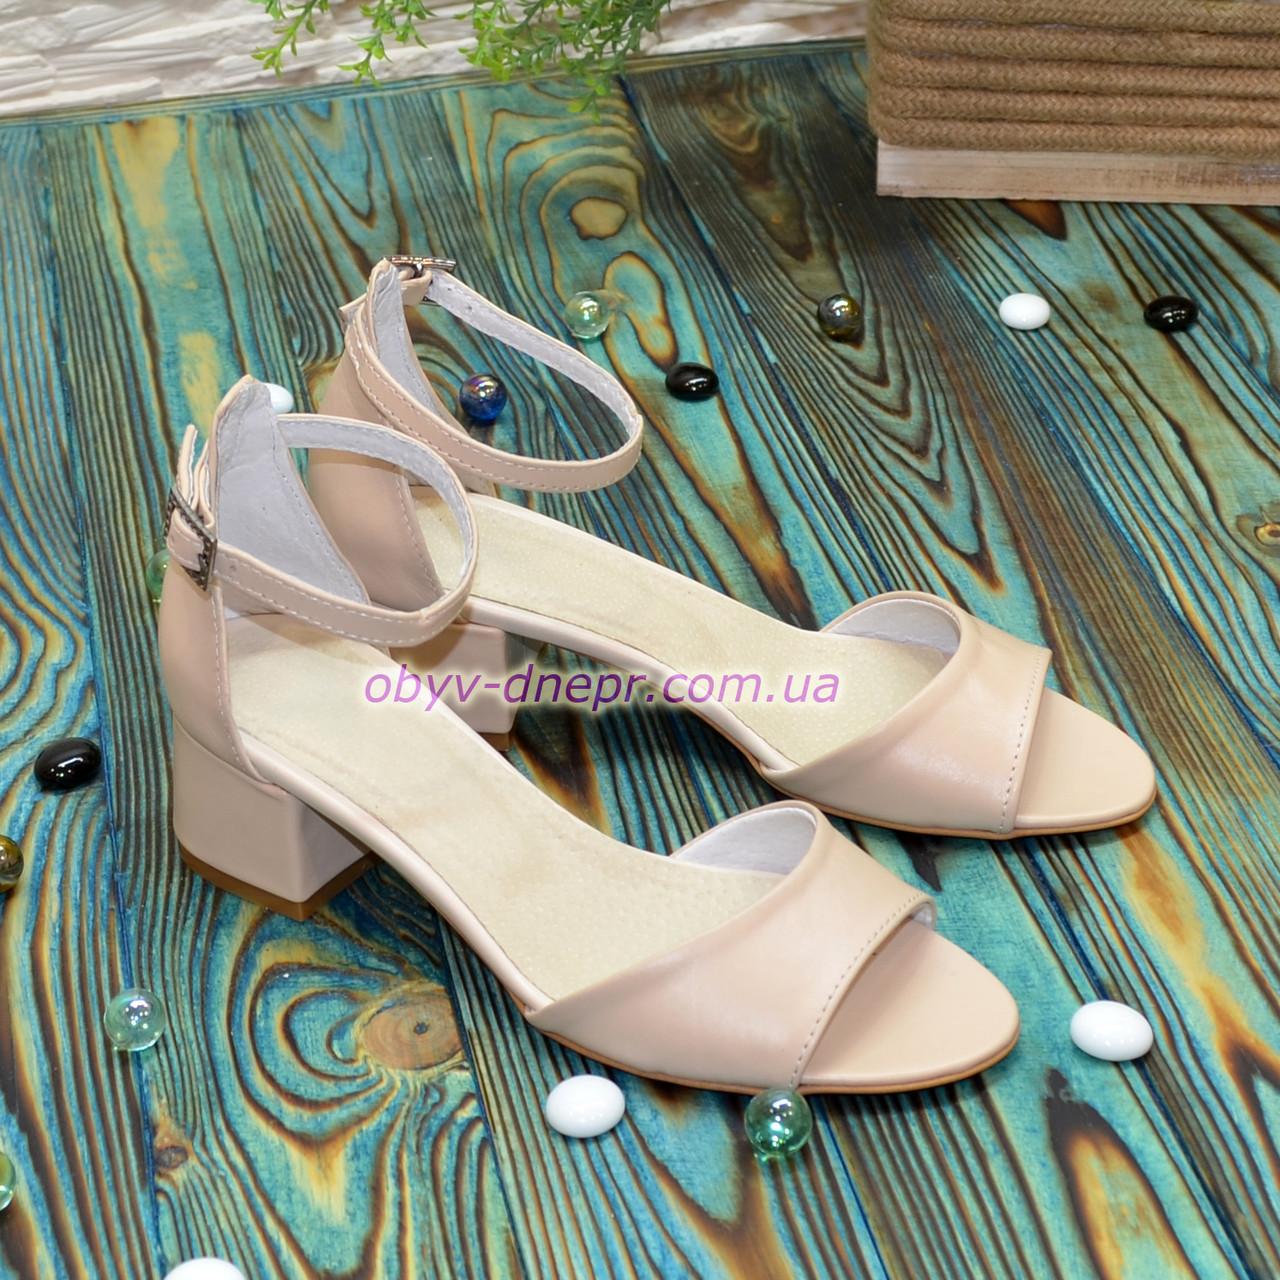 Босоножки женские кожаные на невысоком каблуке, цвет бежевый